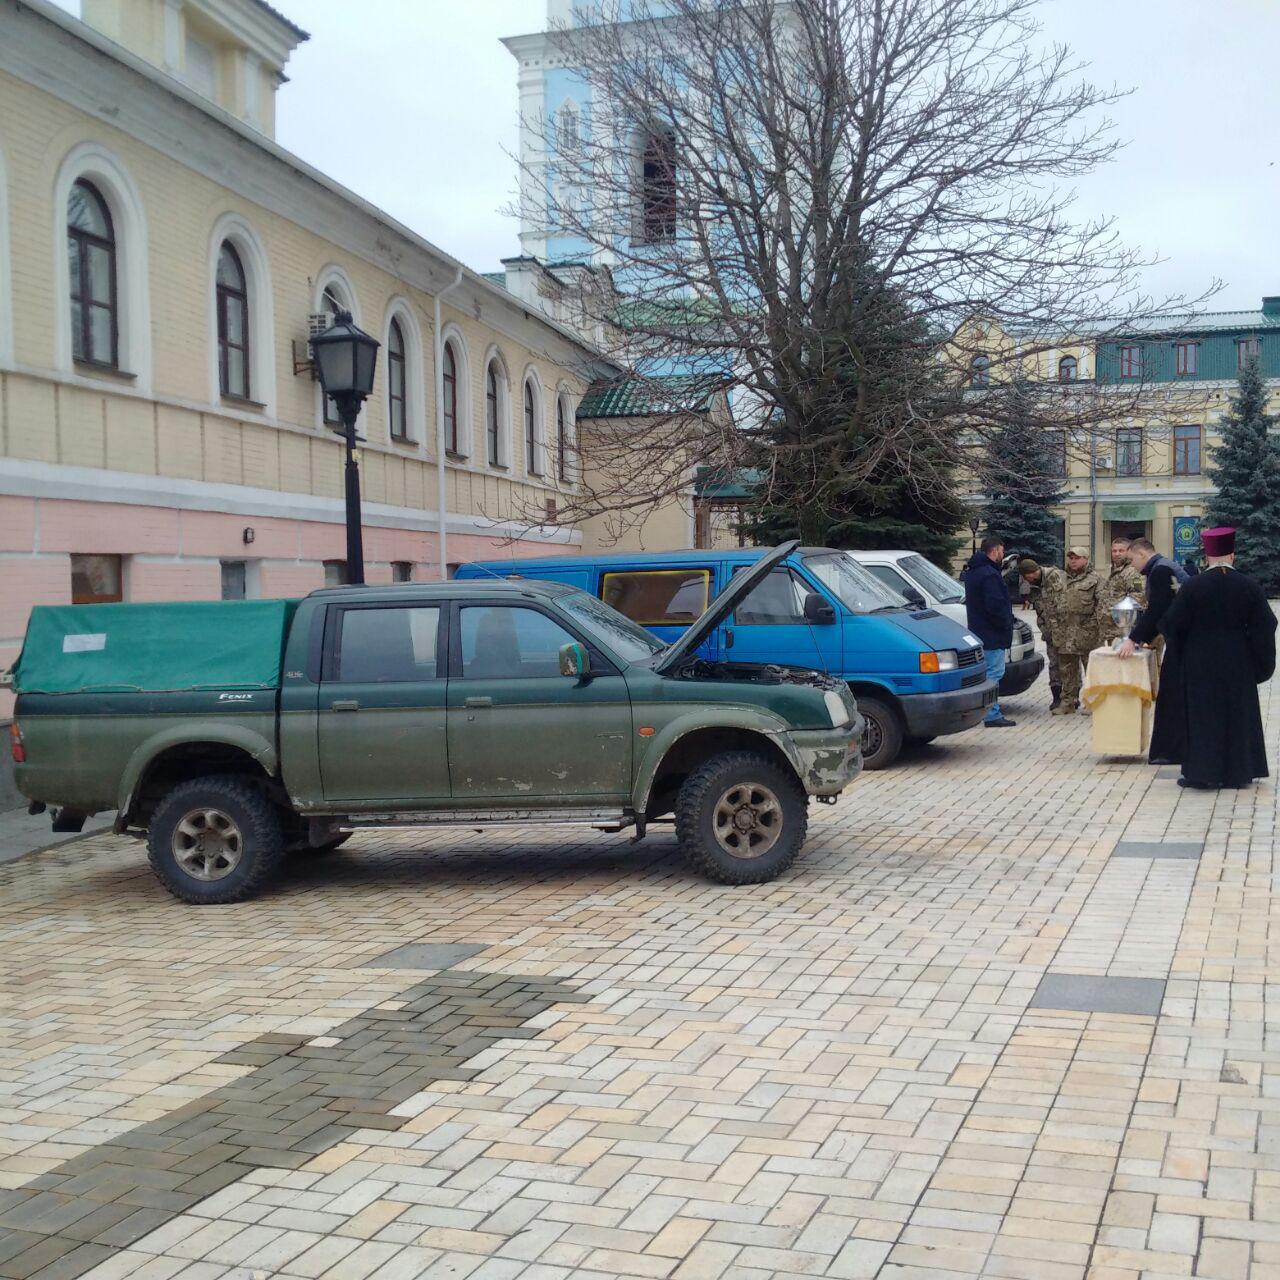 новости, украина, киев, ато, волонтеры, освящение, священник, михайловский собор, валентина варава